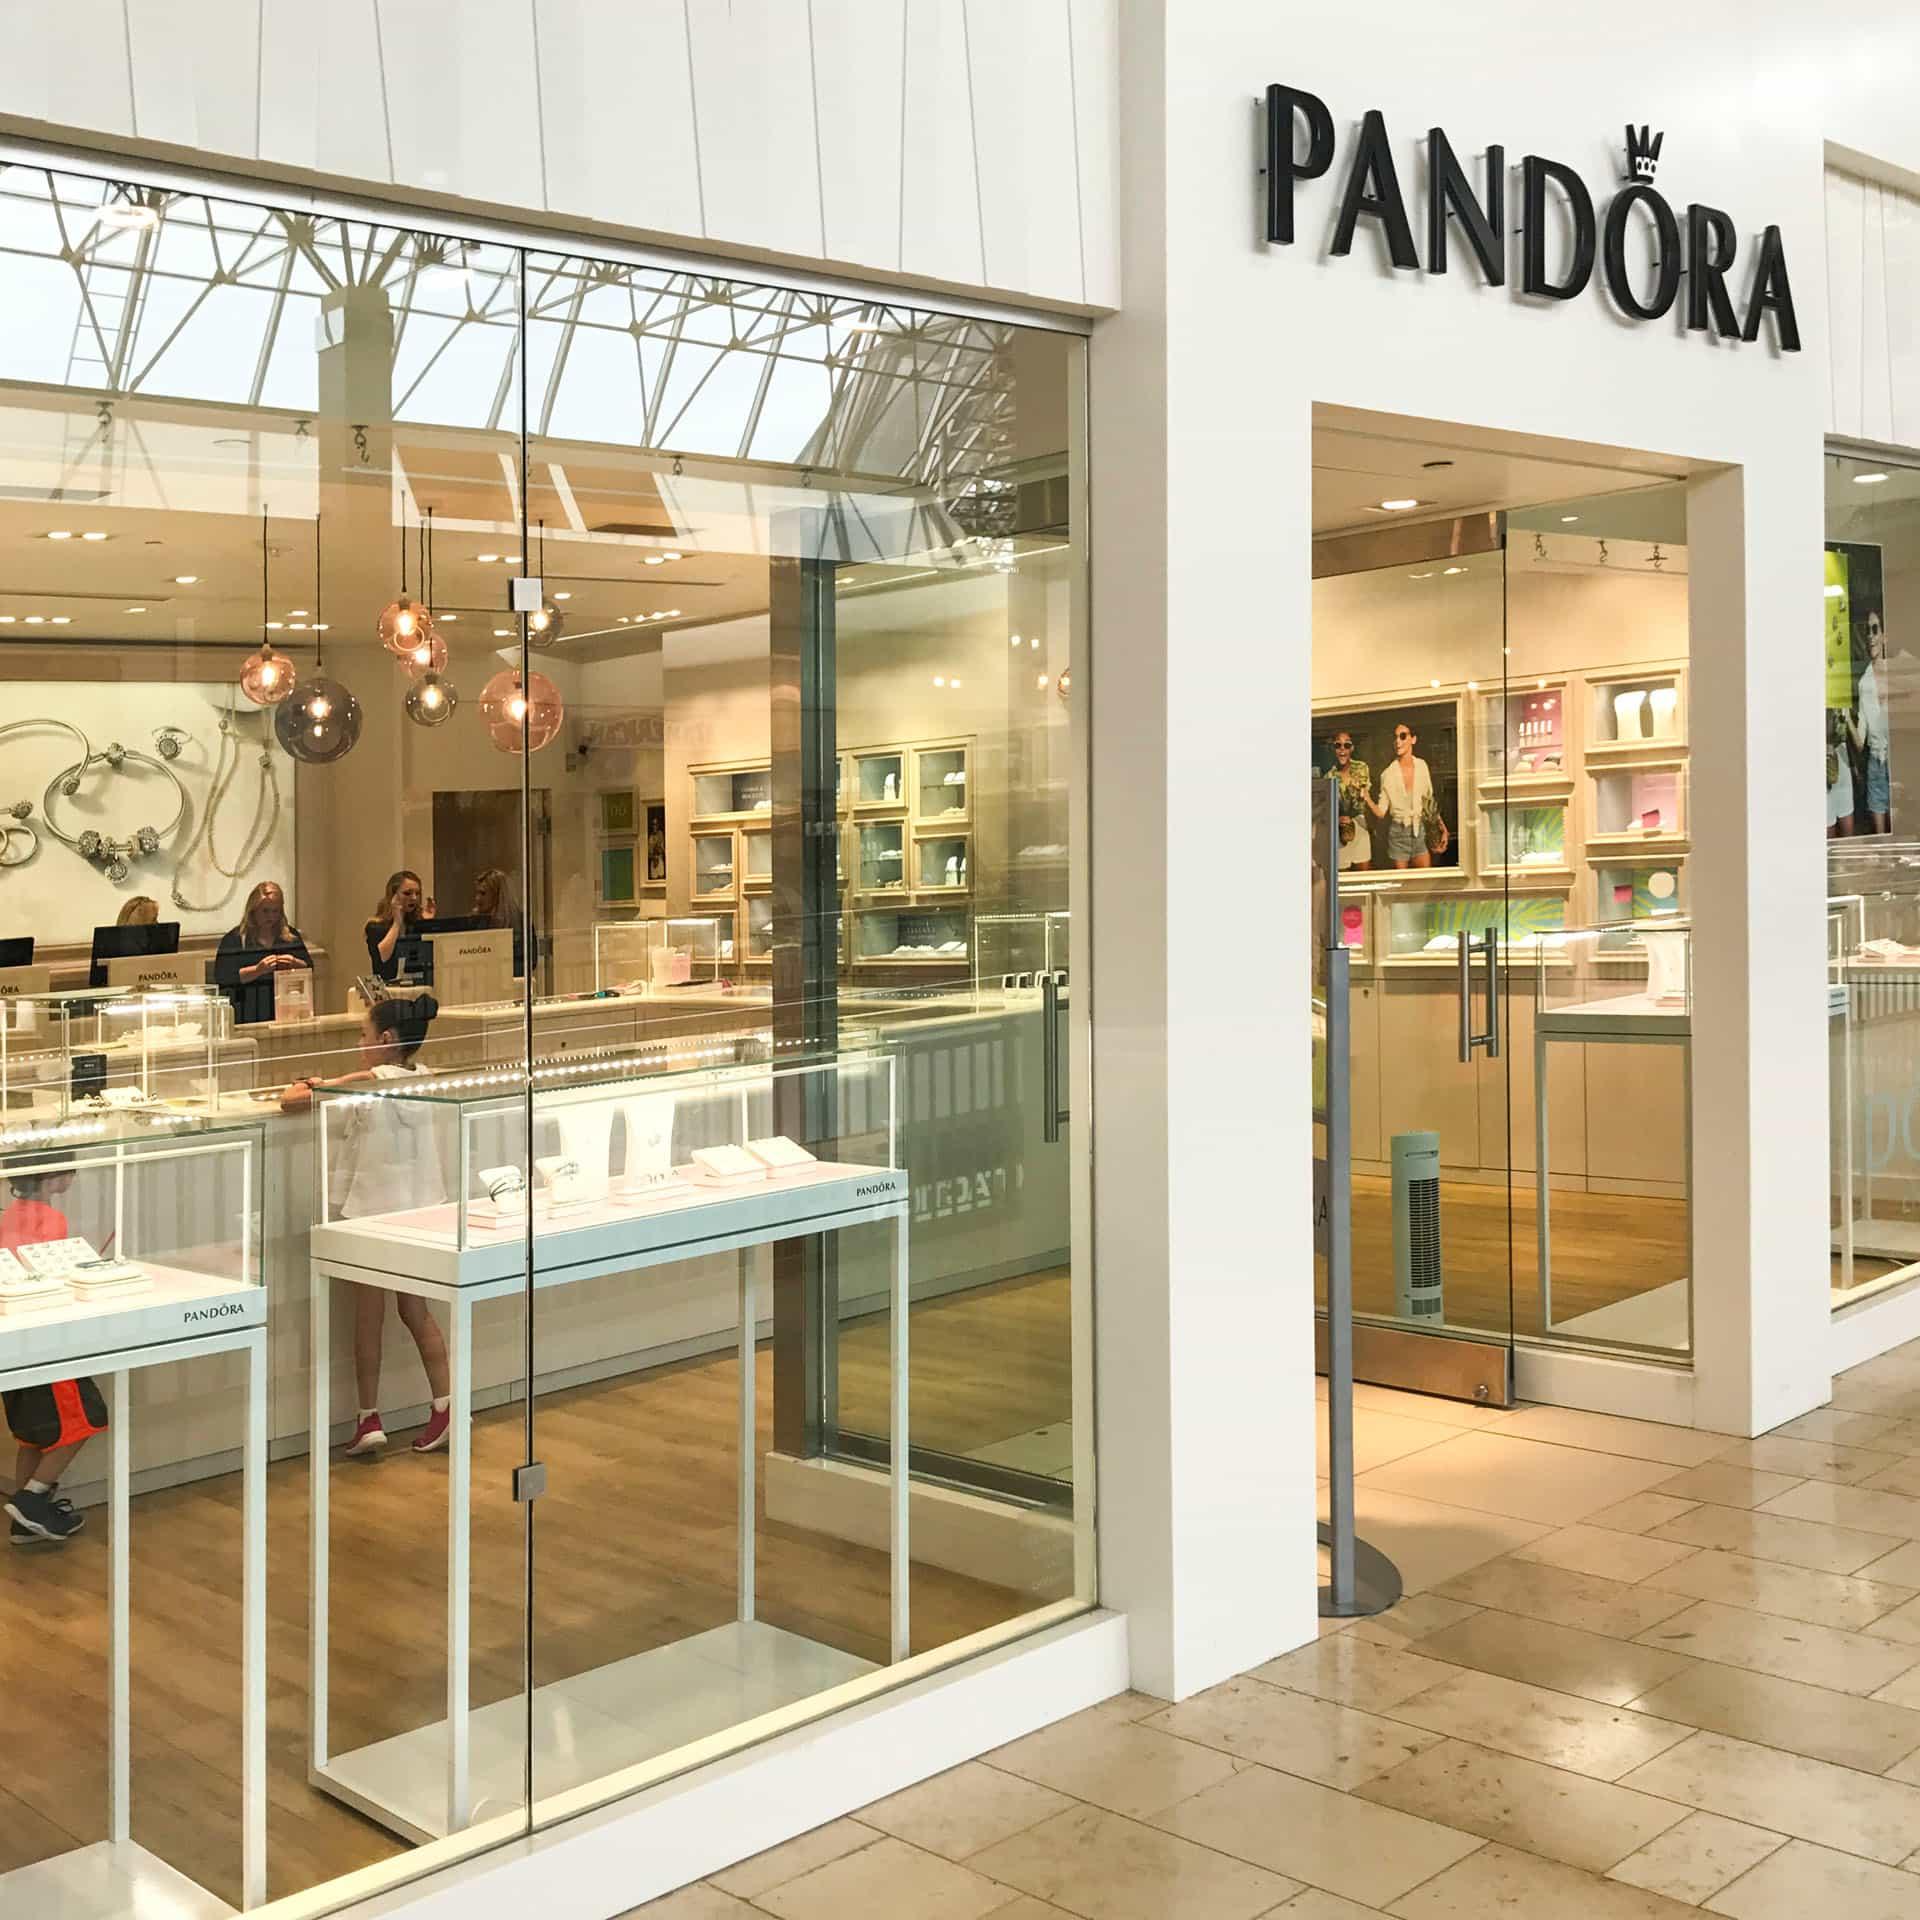 Pandora-Photo Jun 01, 1 16 16 PM